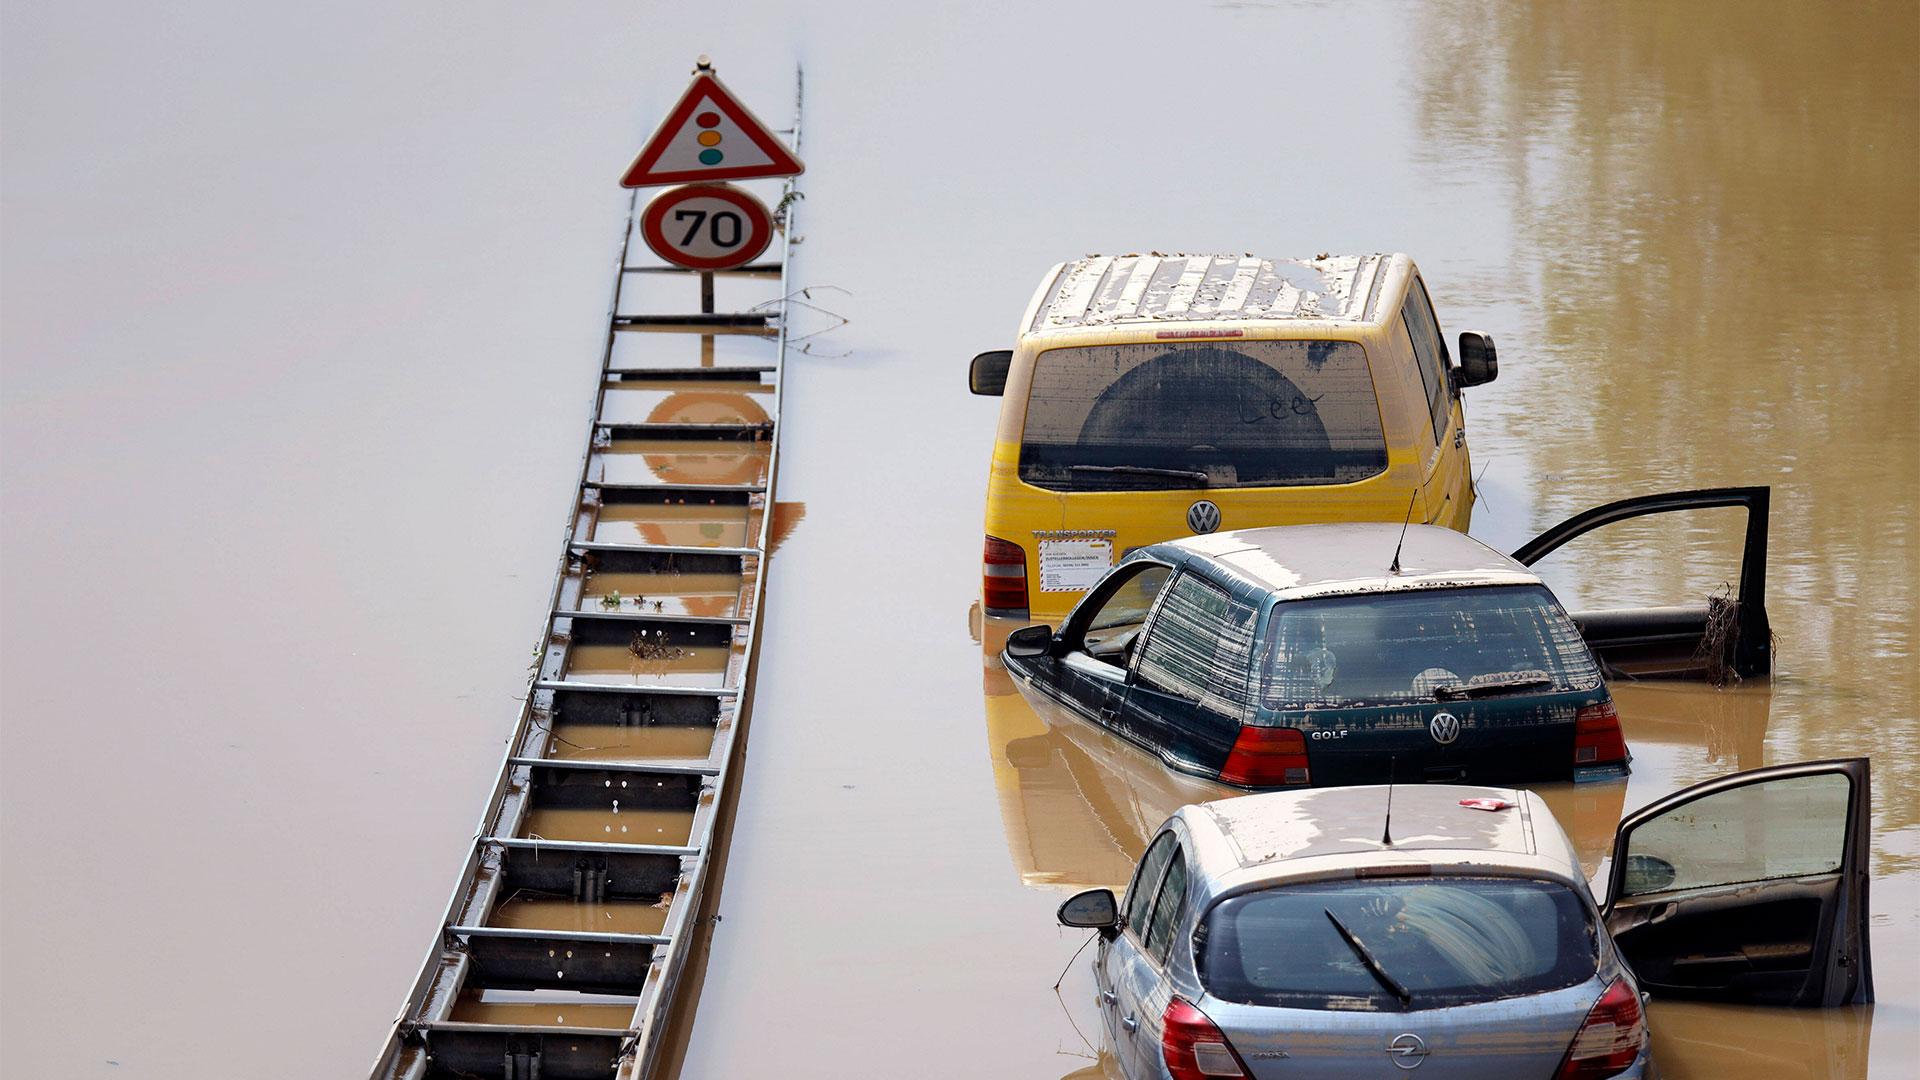 Nach der Hochwasser-Katastrophe im Erftkreis gehen die Aufräumarbeiten weiter. Bei den Bergungsarbeiten der zerstörten Autos in Erftstadt-Liblar kommen auch Sonar, Bundeswehrpanzer und Taucher zum Einsatz: Sie überprüfen die massiv beschädigten Fahrzeuge auf der B256 Luxemburger Straße. Die Fahrer der Autos und LKWs waren von den Wassermassen überrascht worden, konnten sich nach bisherigen Erkenntnissen offenbar noch eilig in Sicherheit bringen. Erftstadt, 17.07.2021